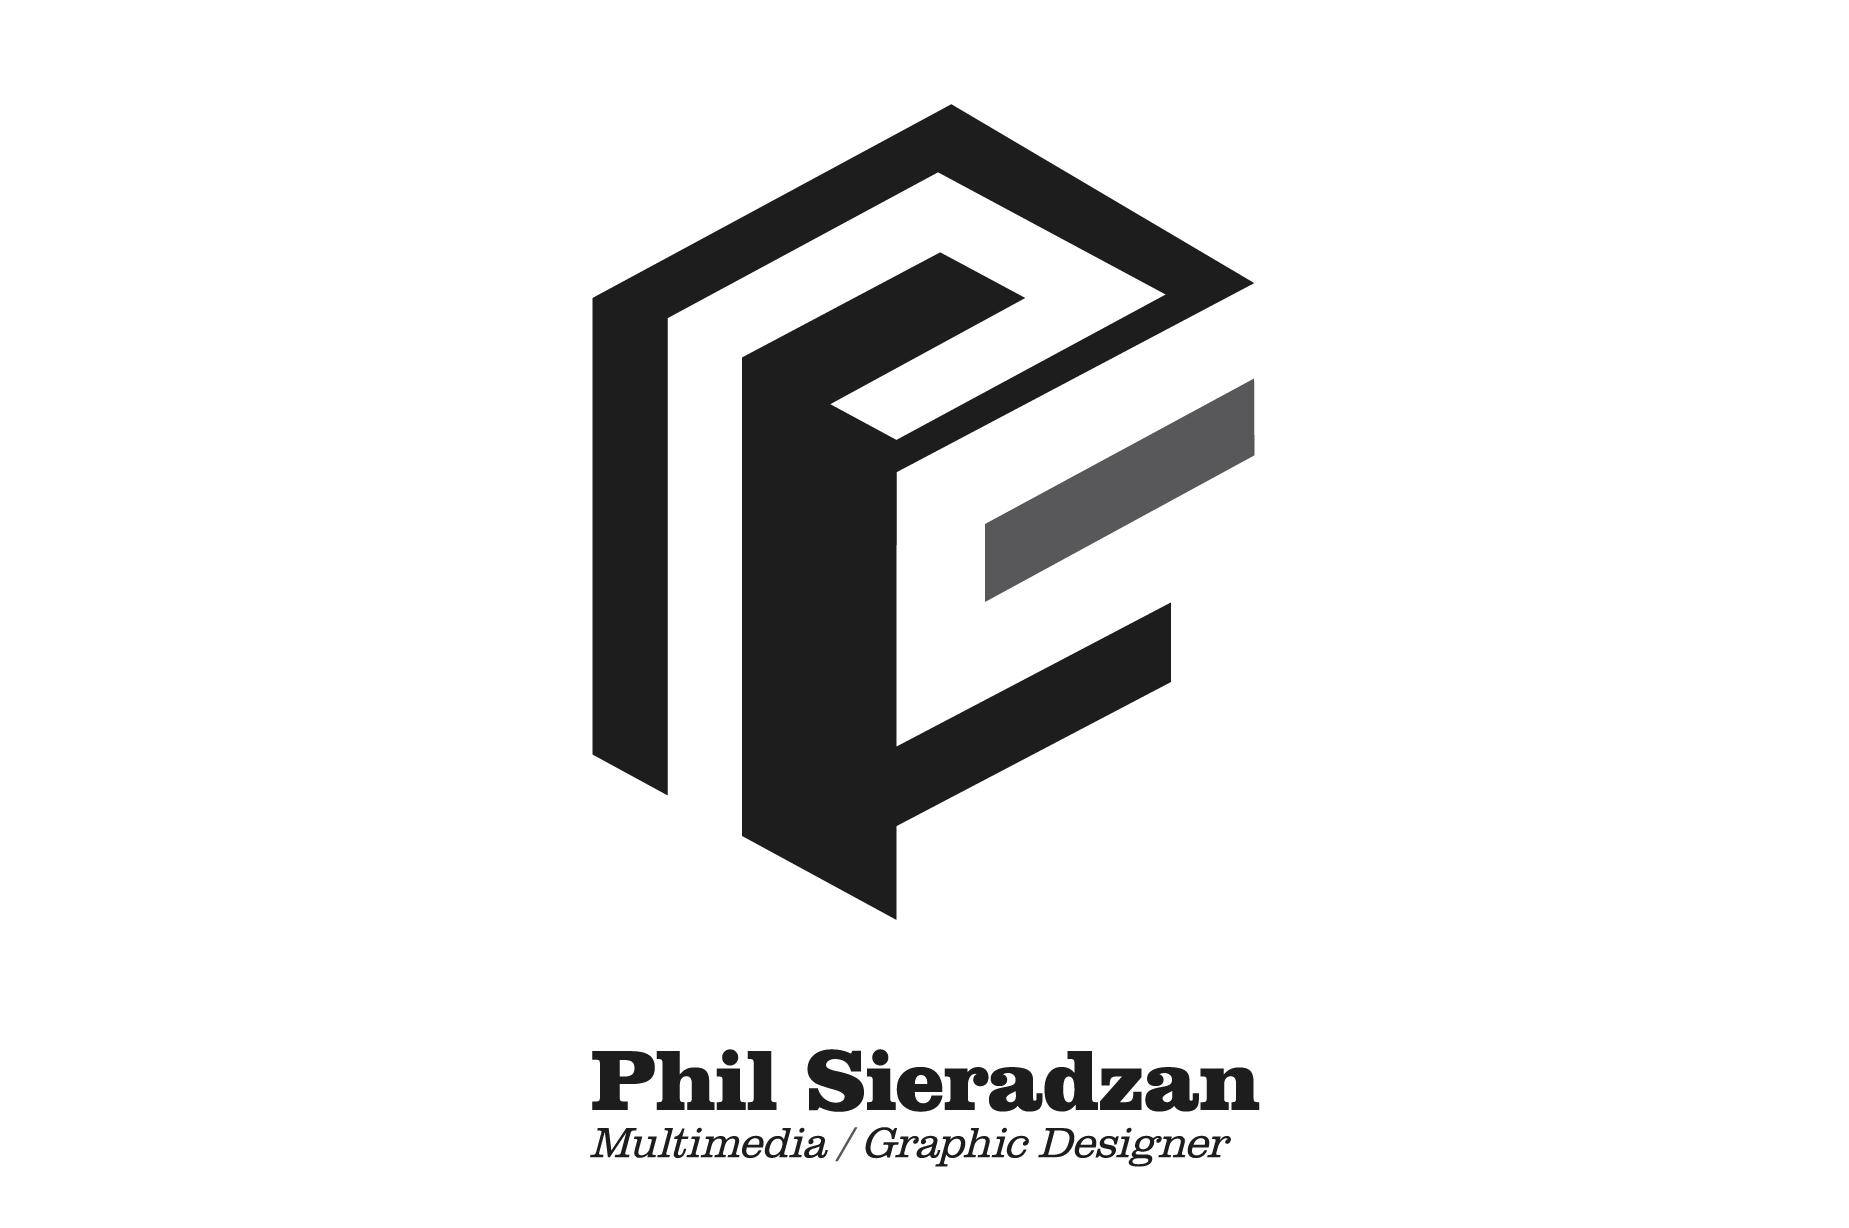 Phil Sieradzan